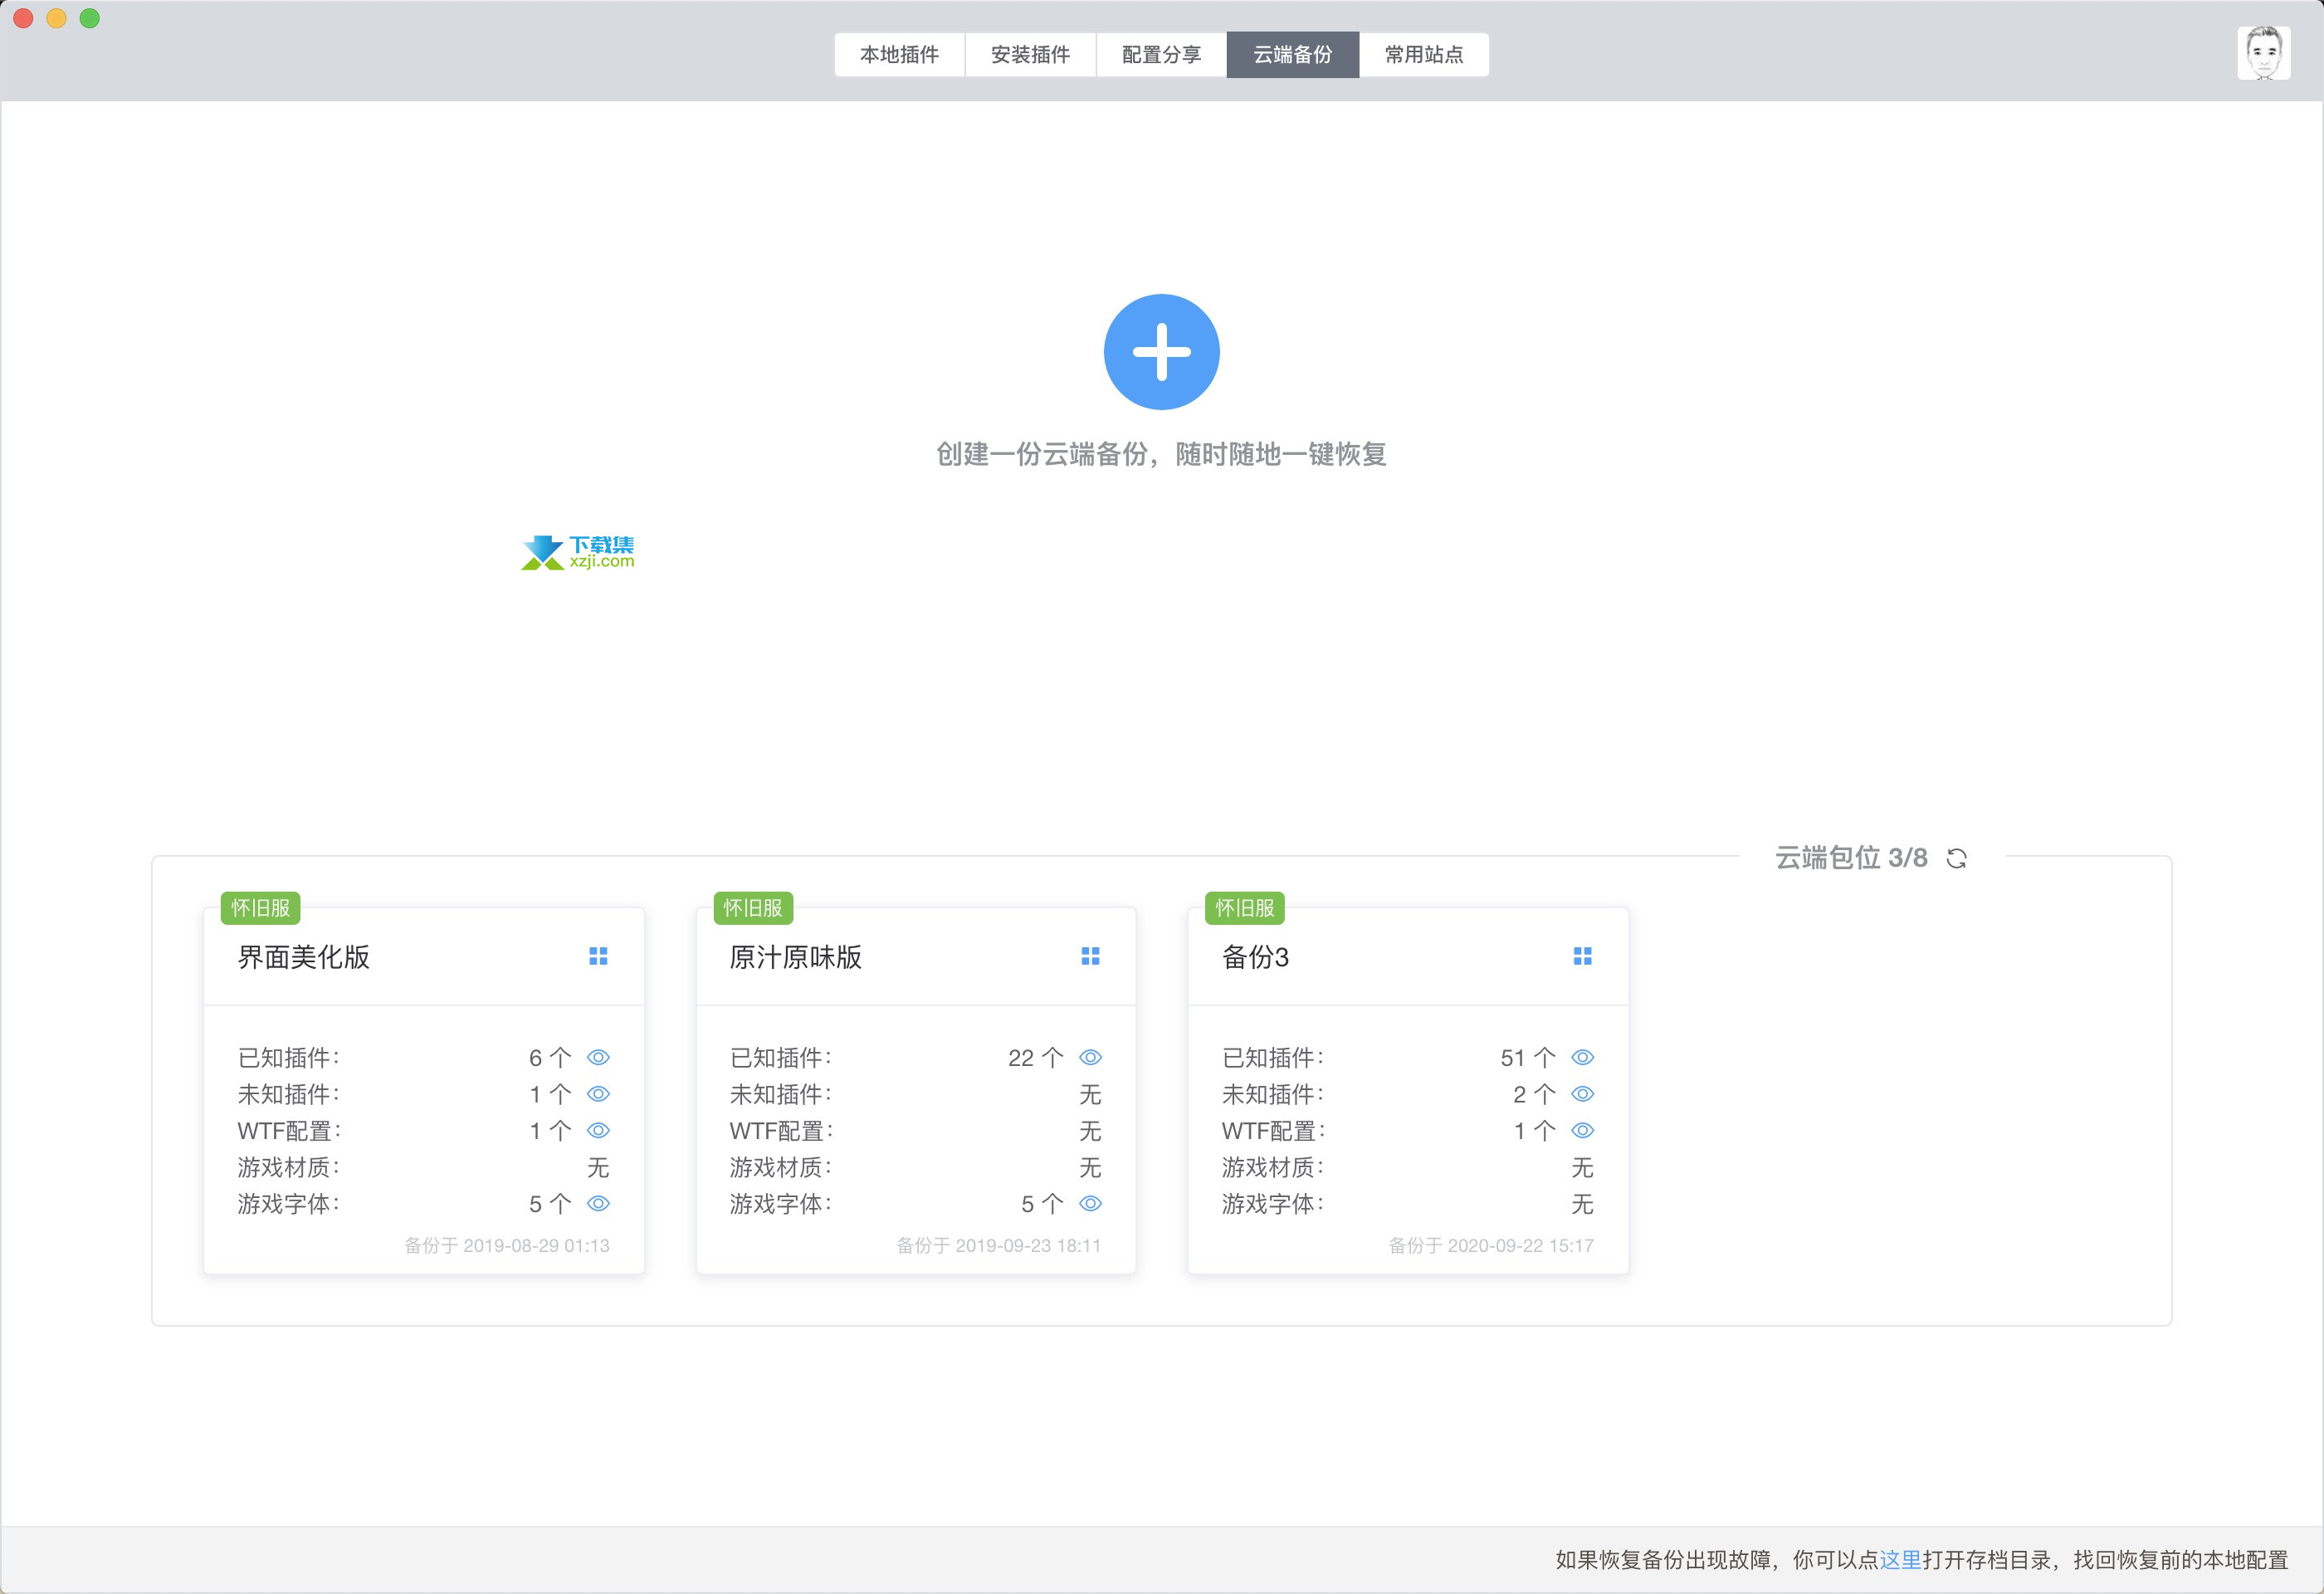 桃乐豆魔兽世界插件管理器界面3